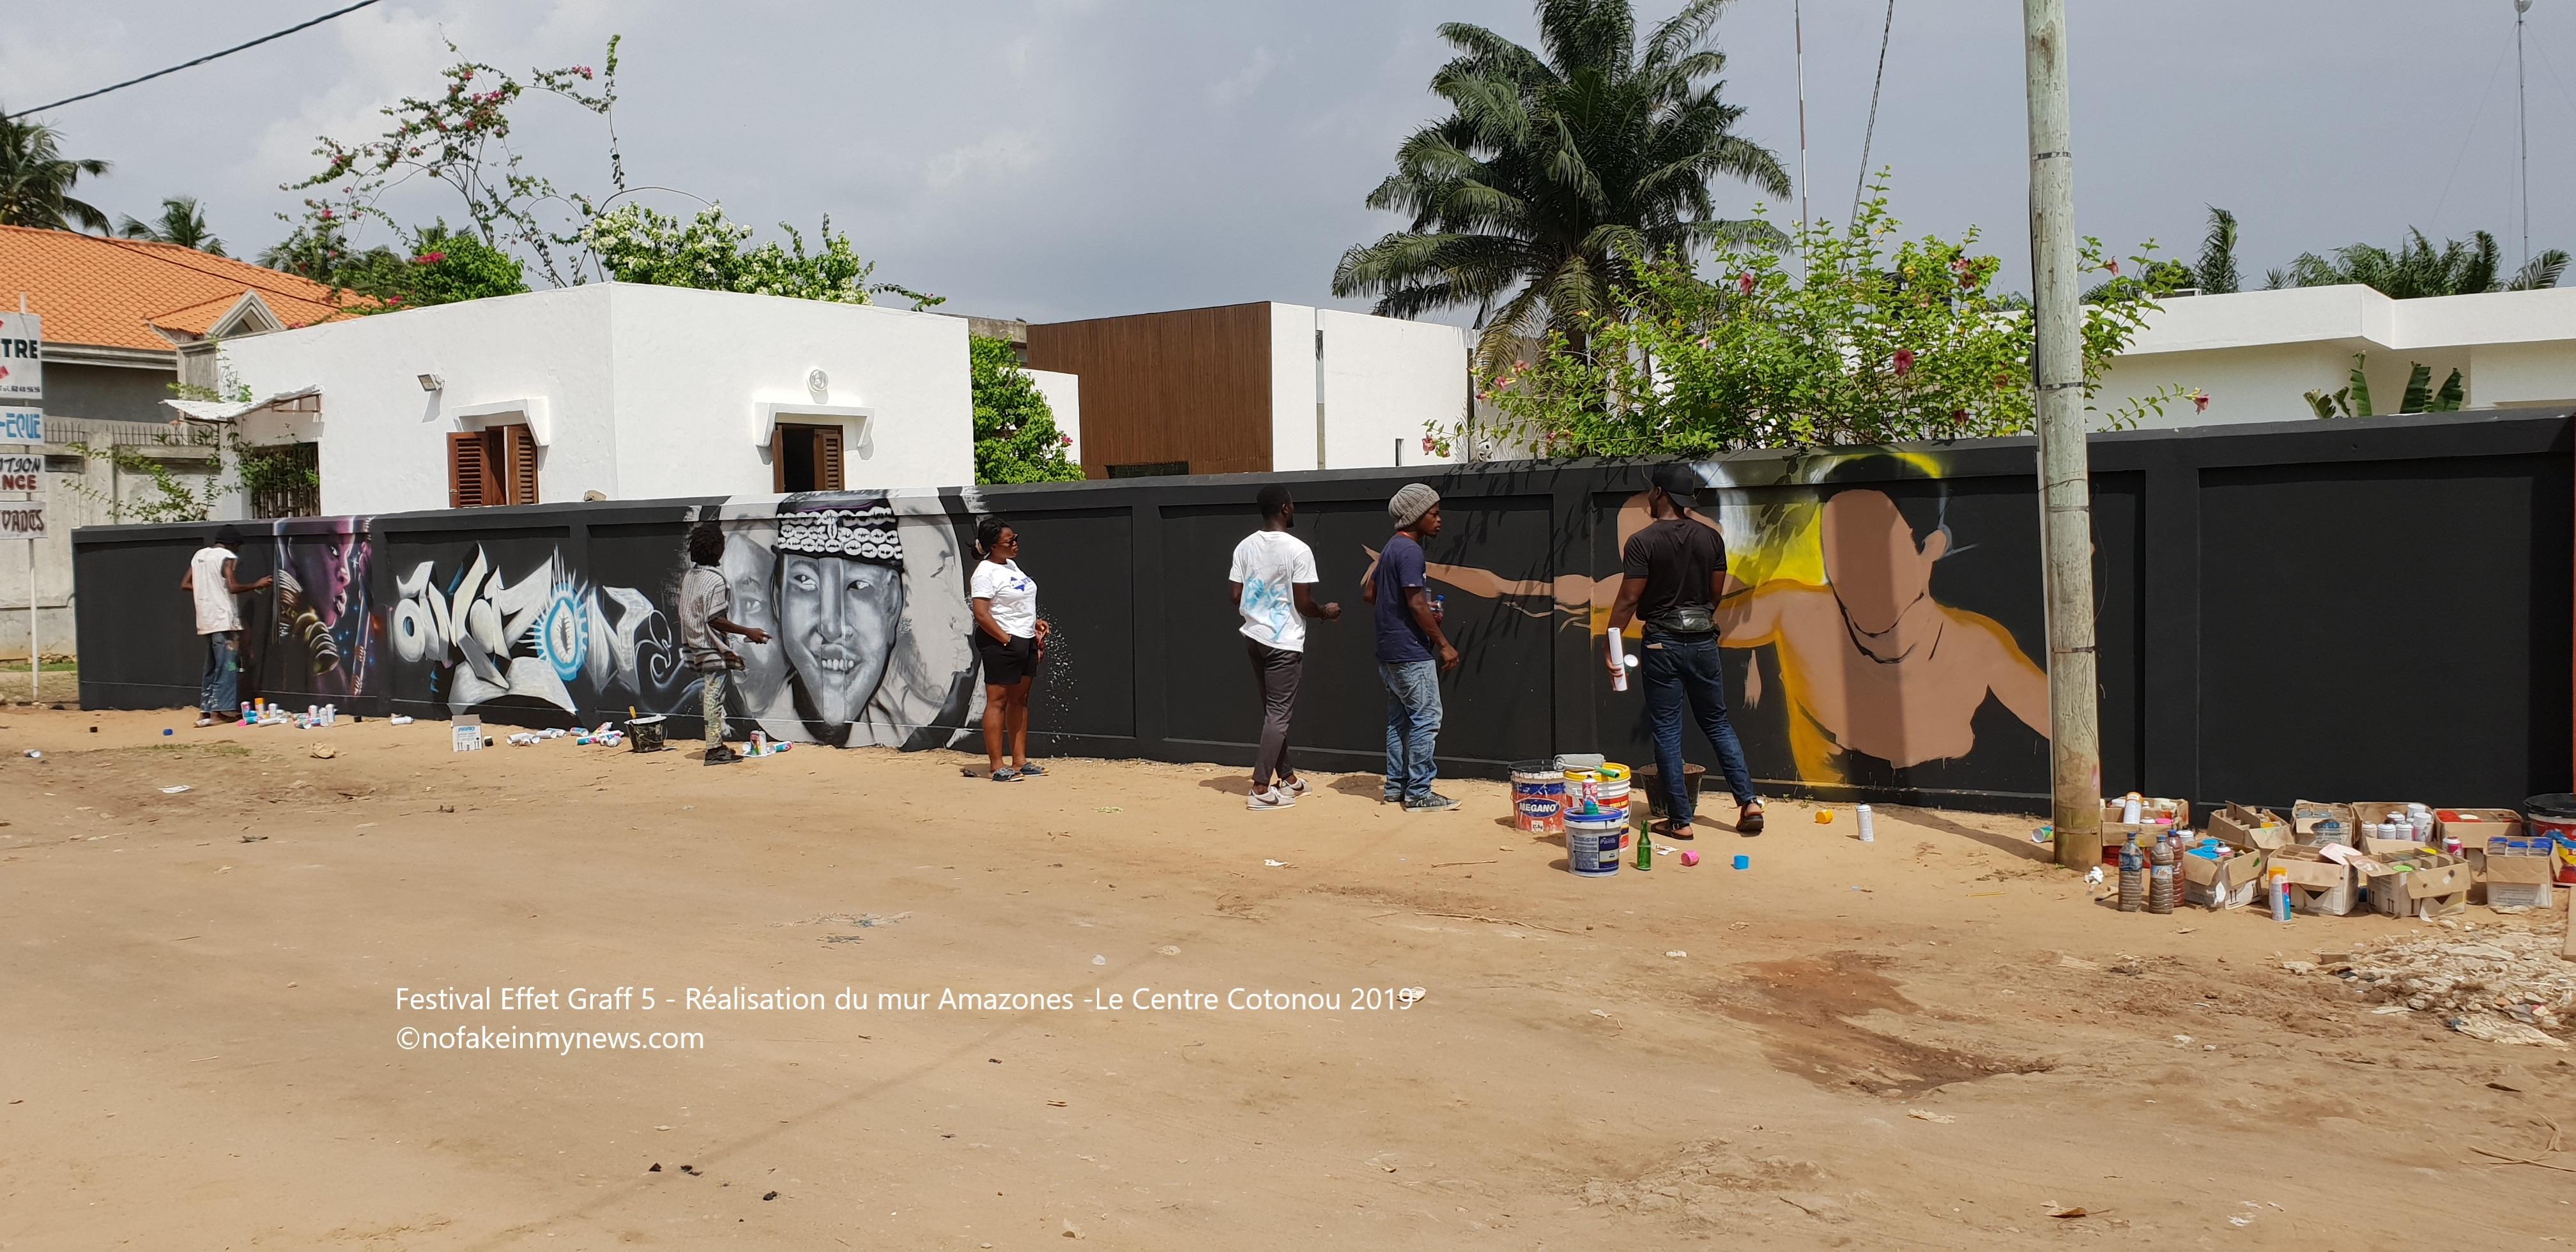 Festival Effet Graff 5 - Réalisation de la fresque Amazones - Le Centre Cotonou 2019 - ©nofakeinmynews